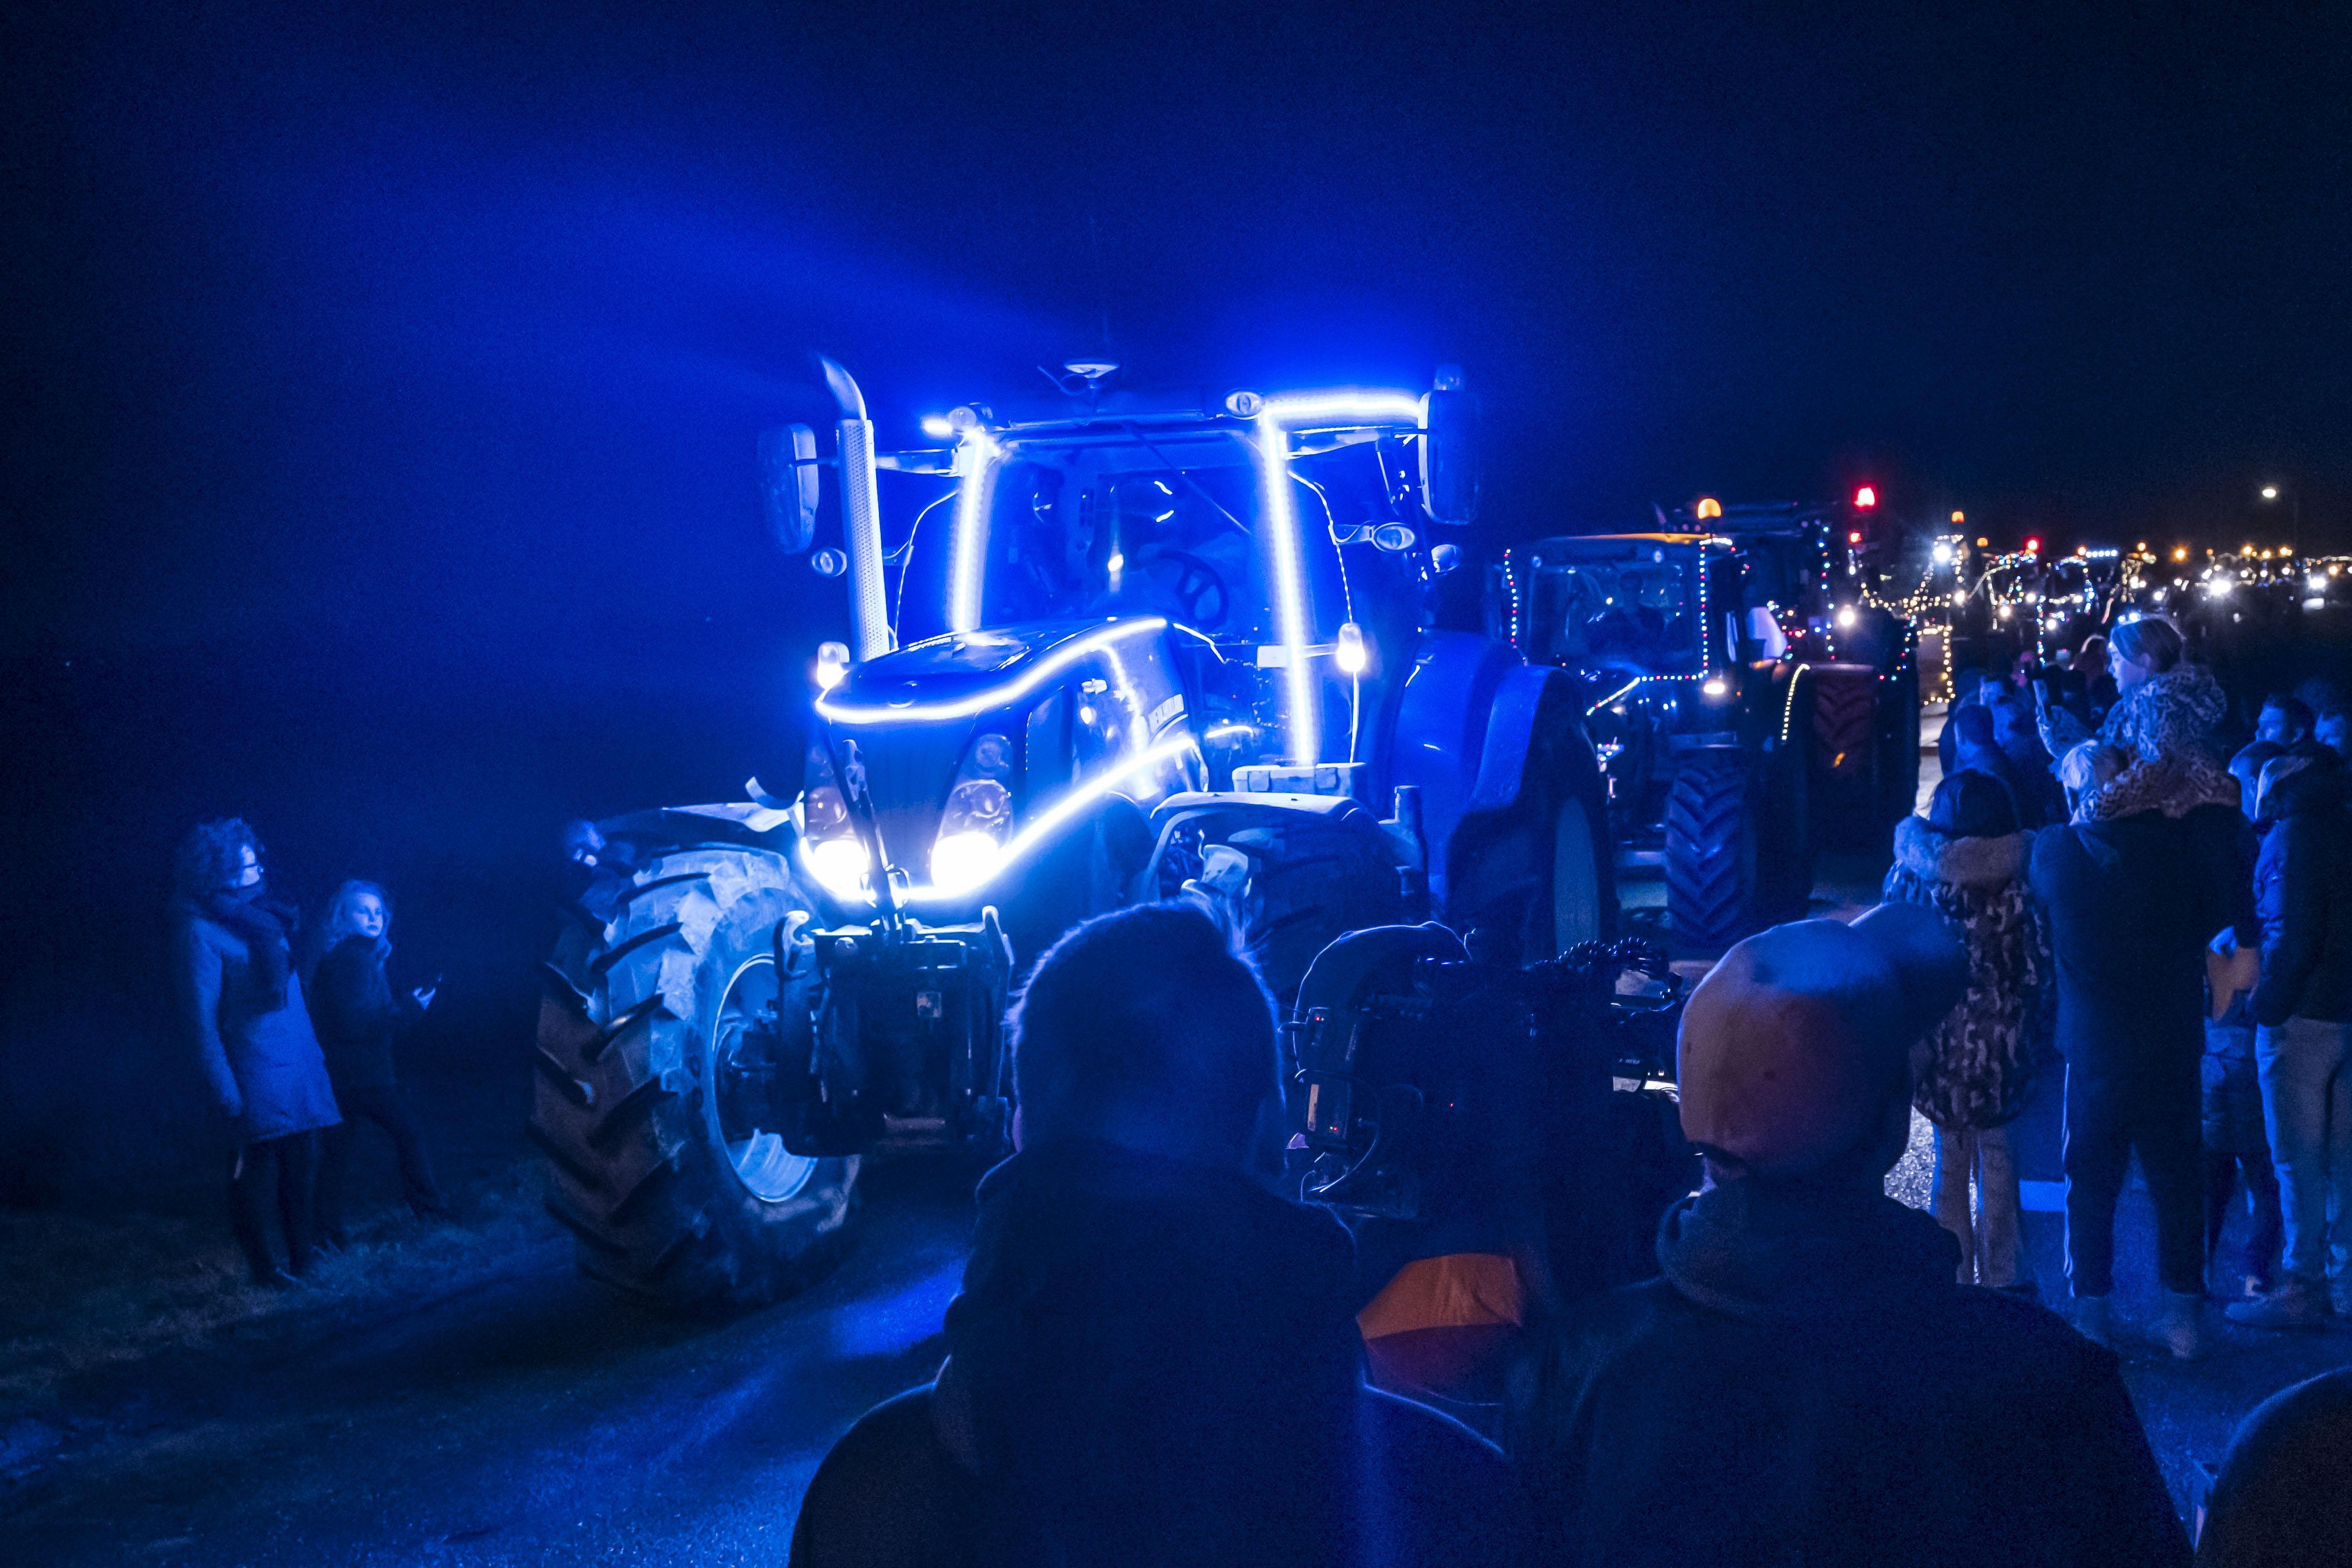 De laatste kerst van Ted Imming uit Alkmaar. Boeren geven er extra glans aan door hem te bezoeken met fraai verlichte en versierde trekkers [video]